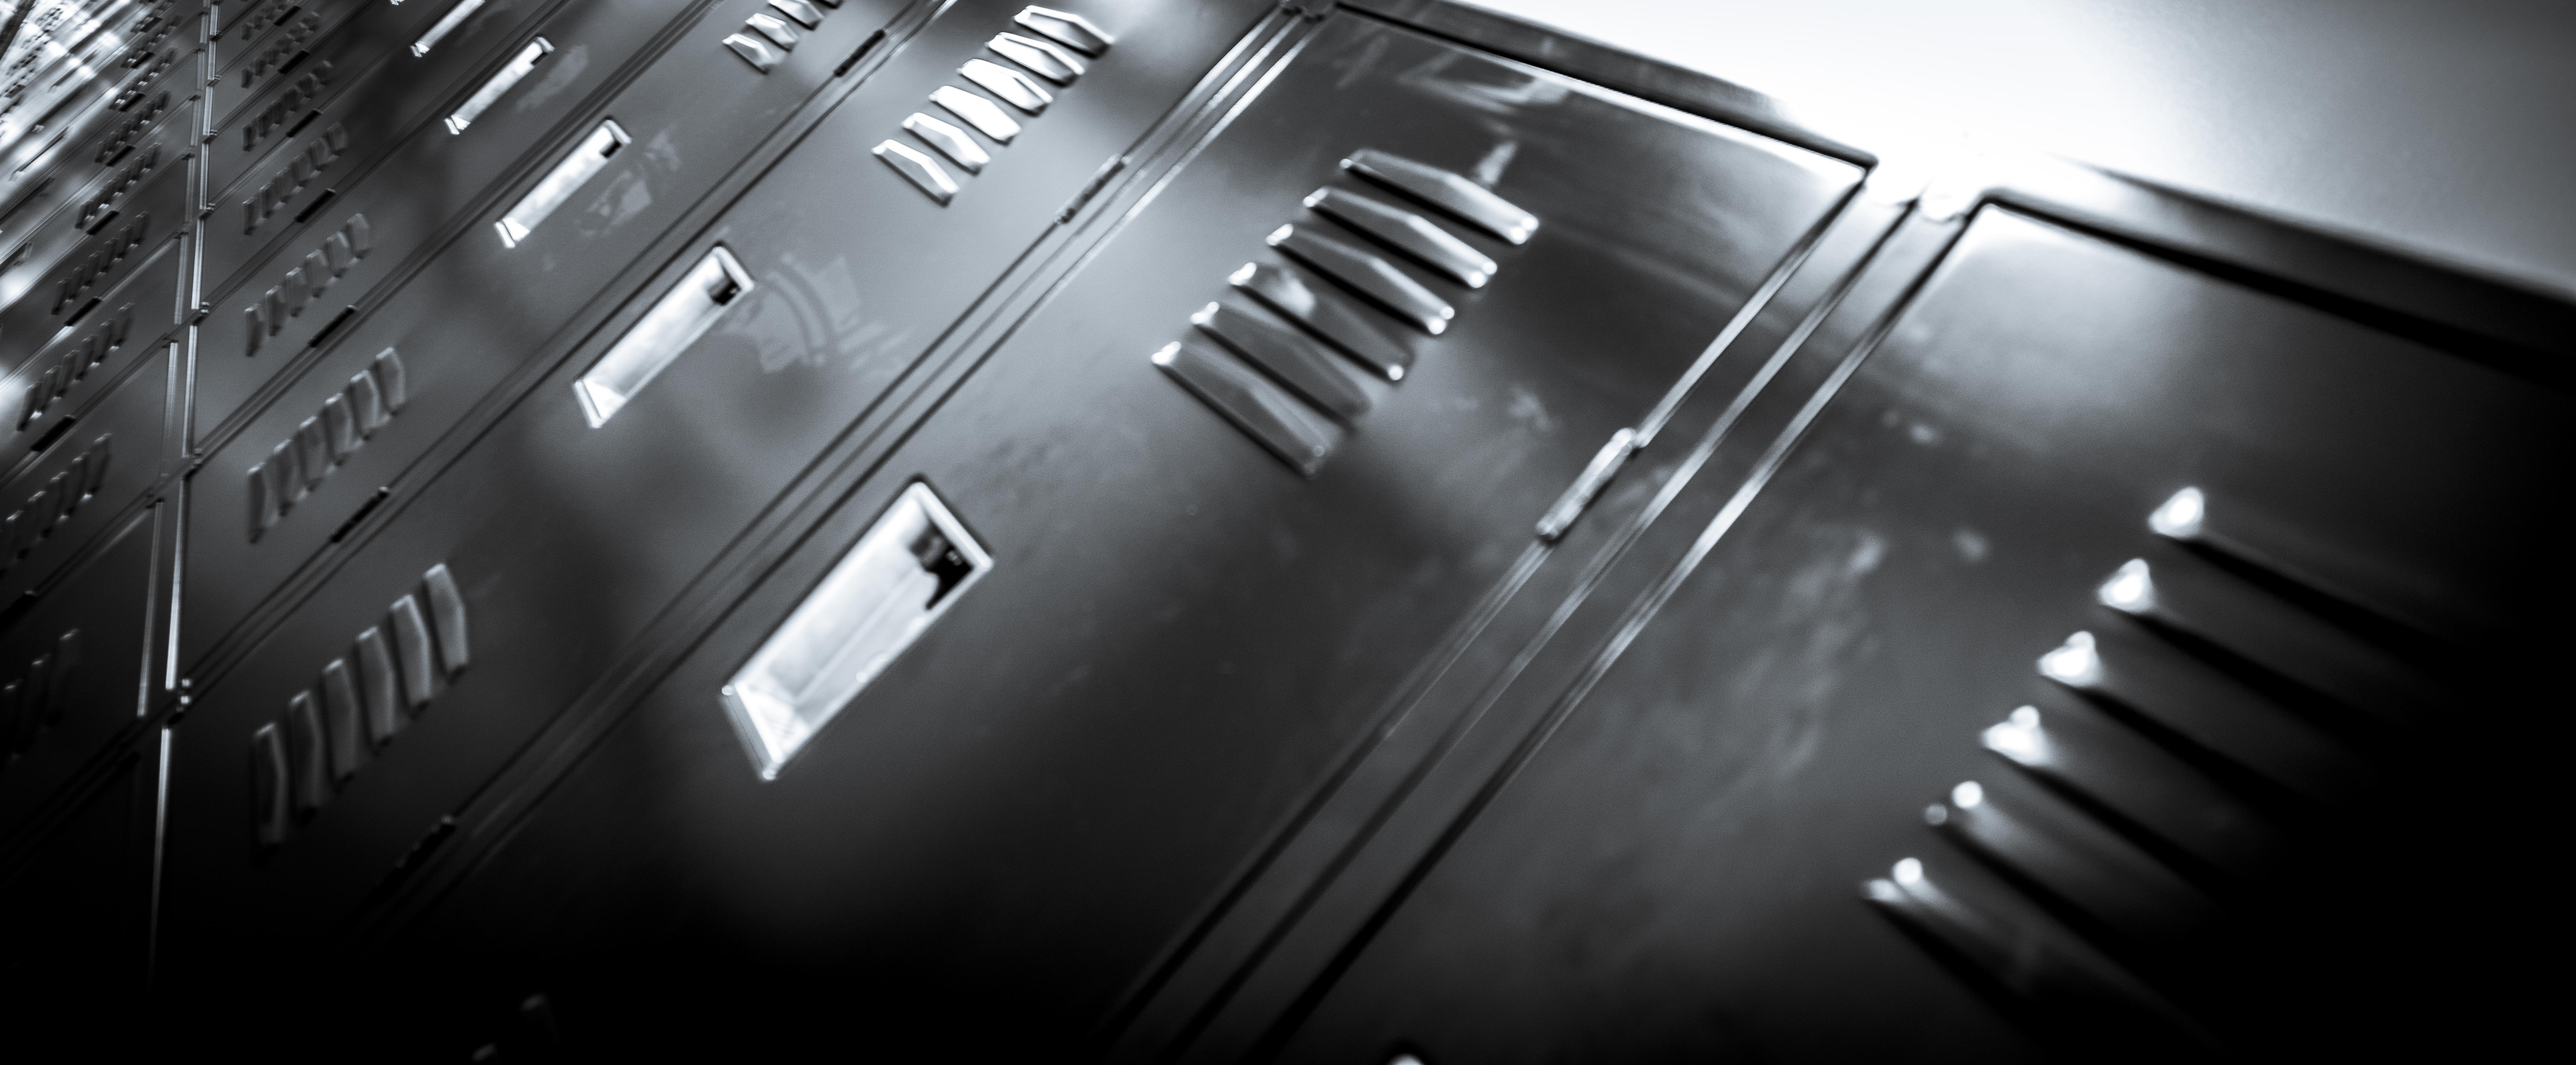 School Lockers in New Building